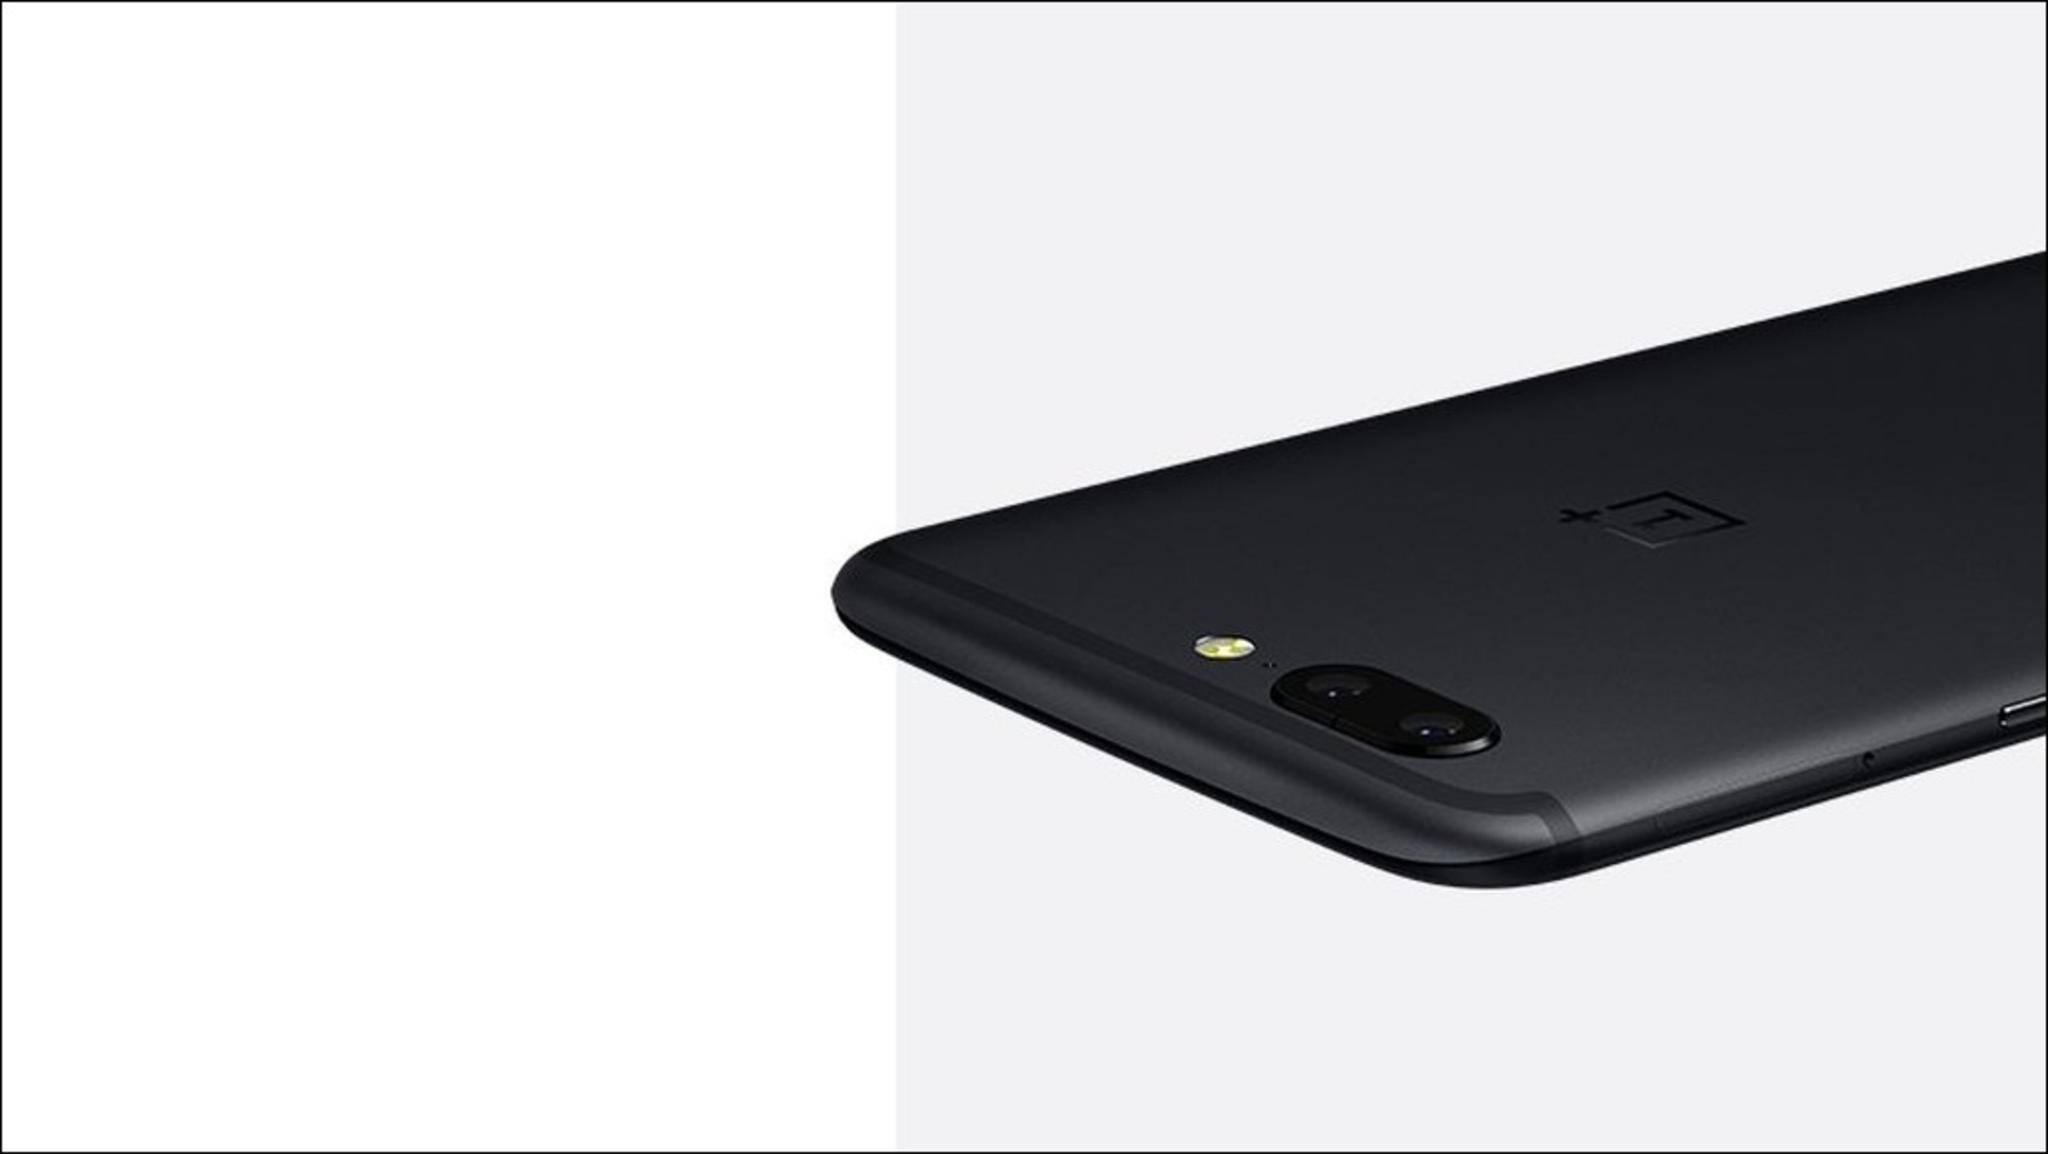 Am 20. Juni wird das OnePlus 5 offiziell enthüllt